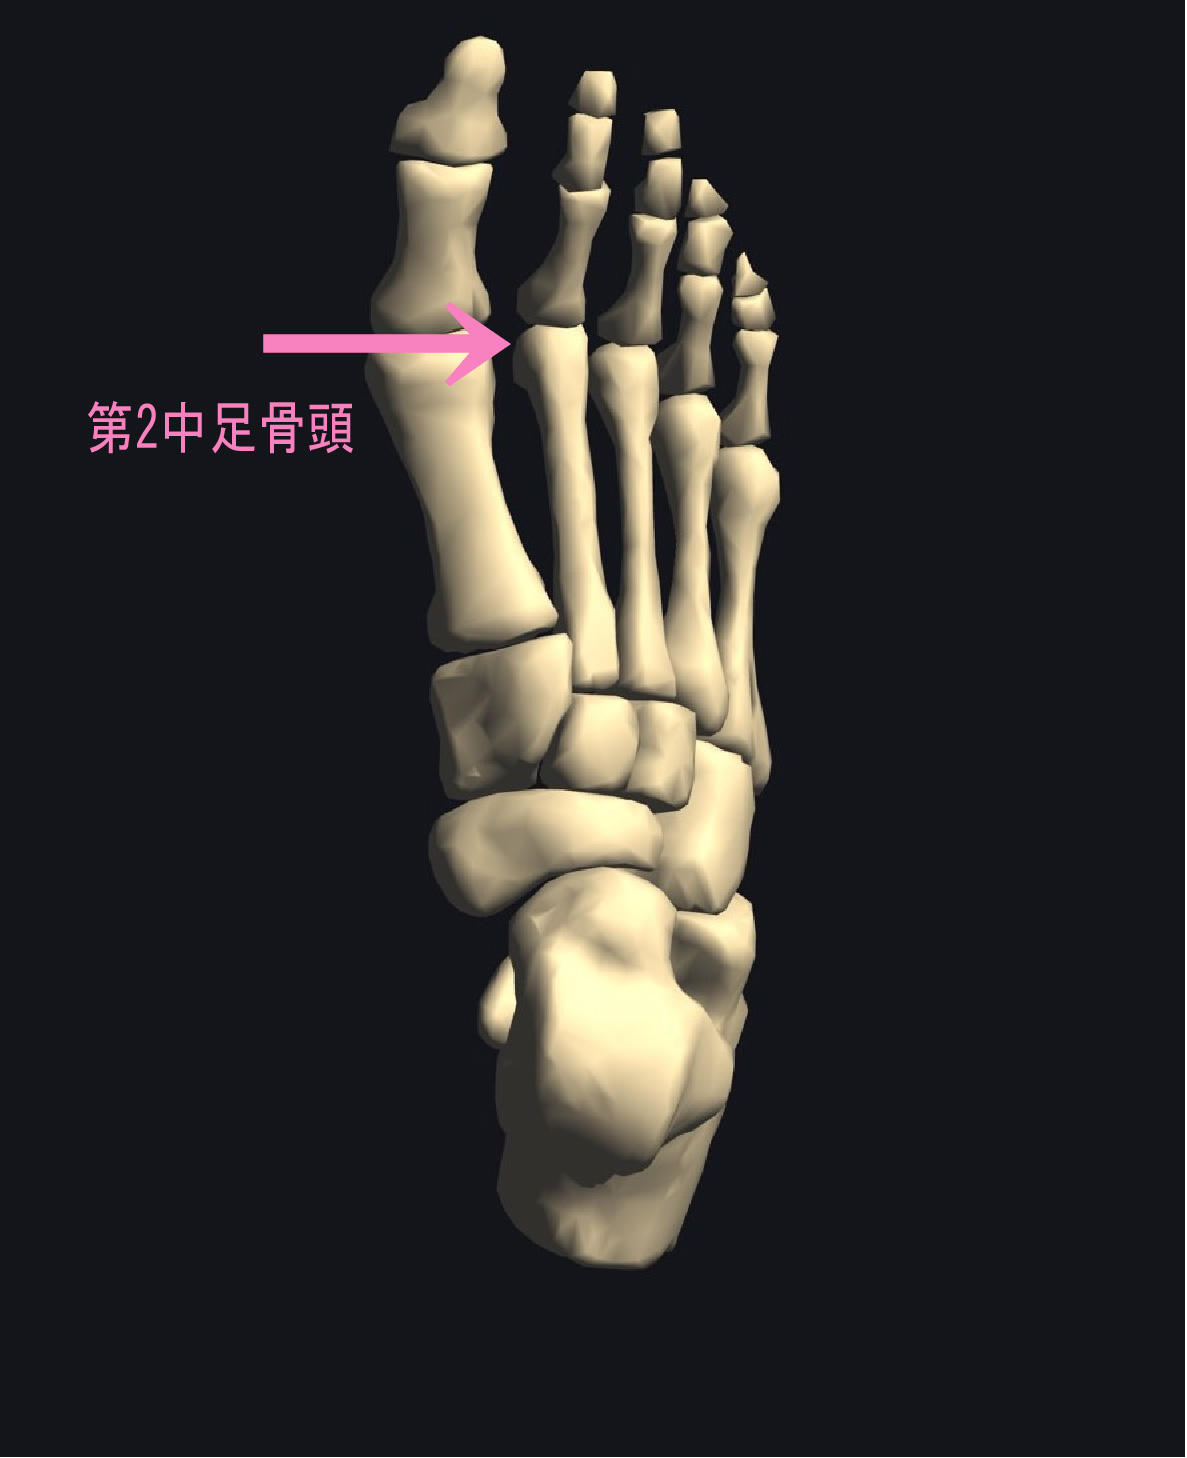 足の指の付け根の痛み